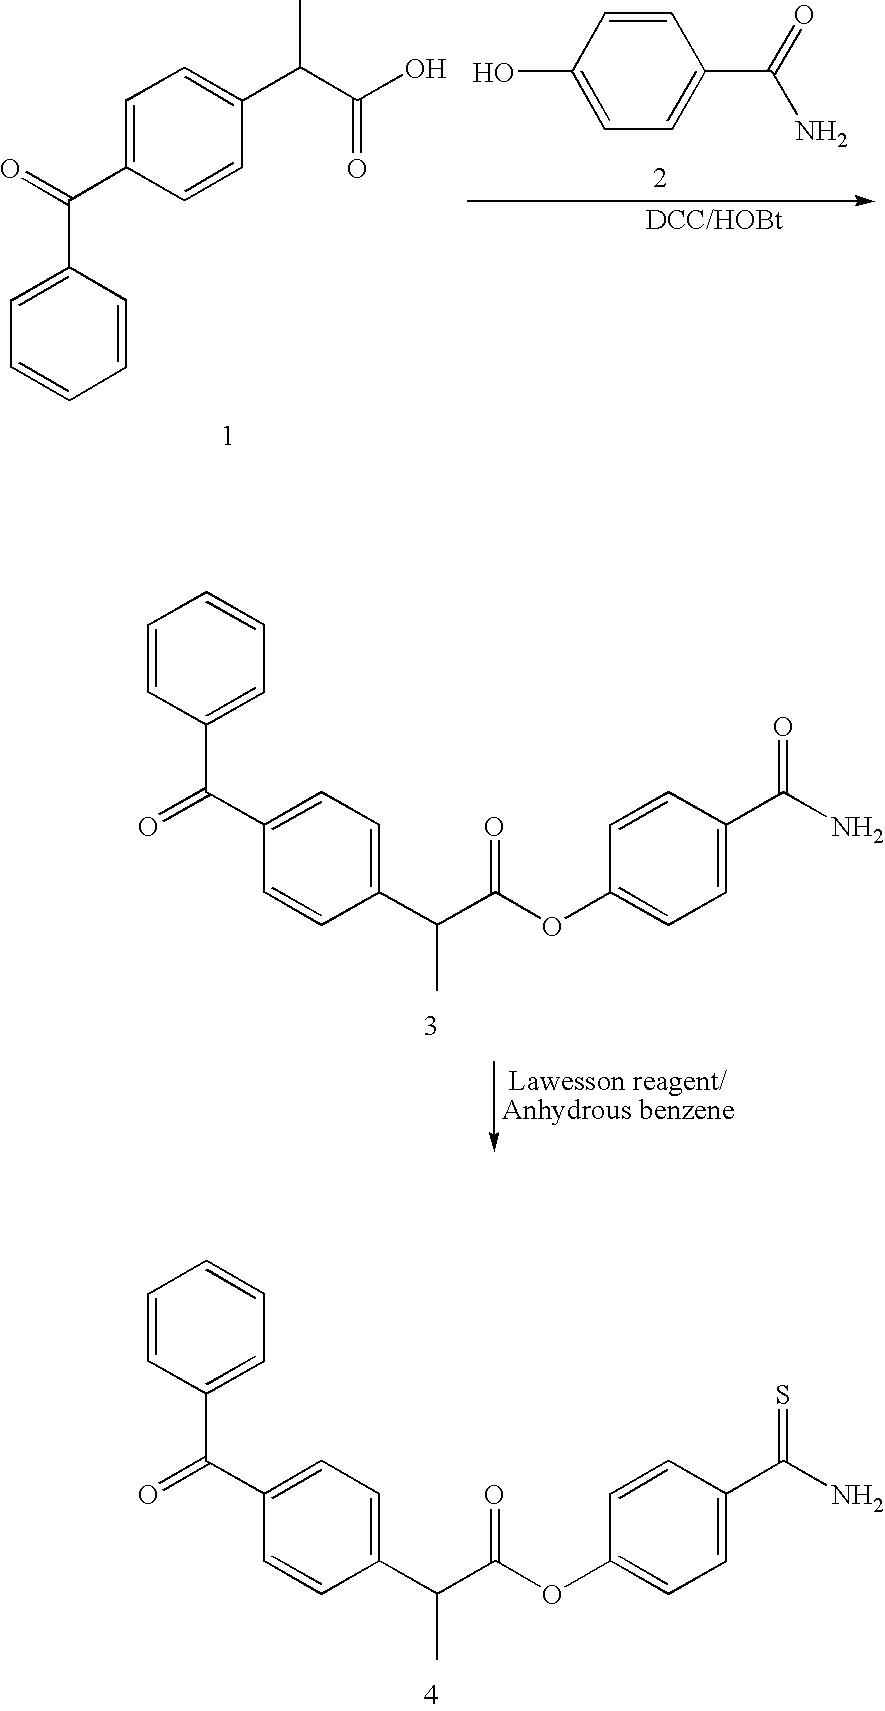 Figure US07741359-20100622-C00026